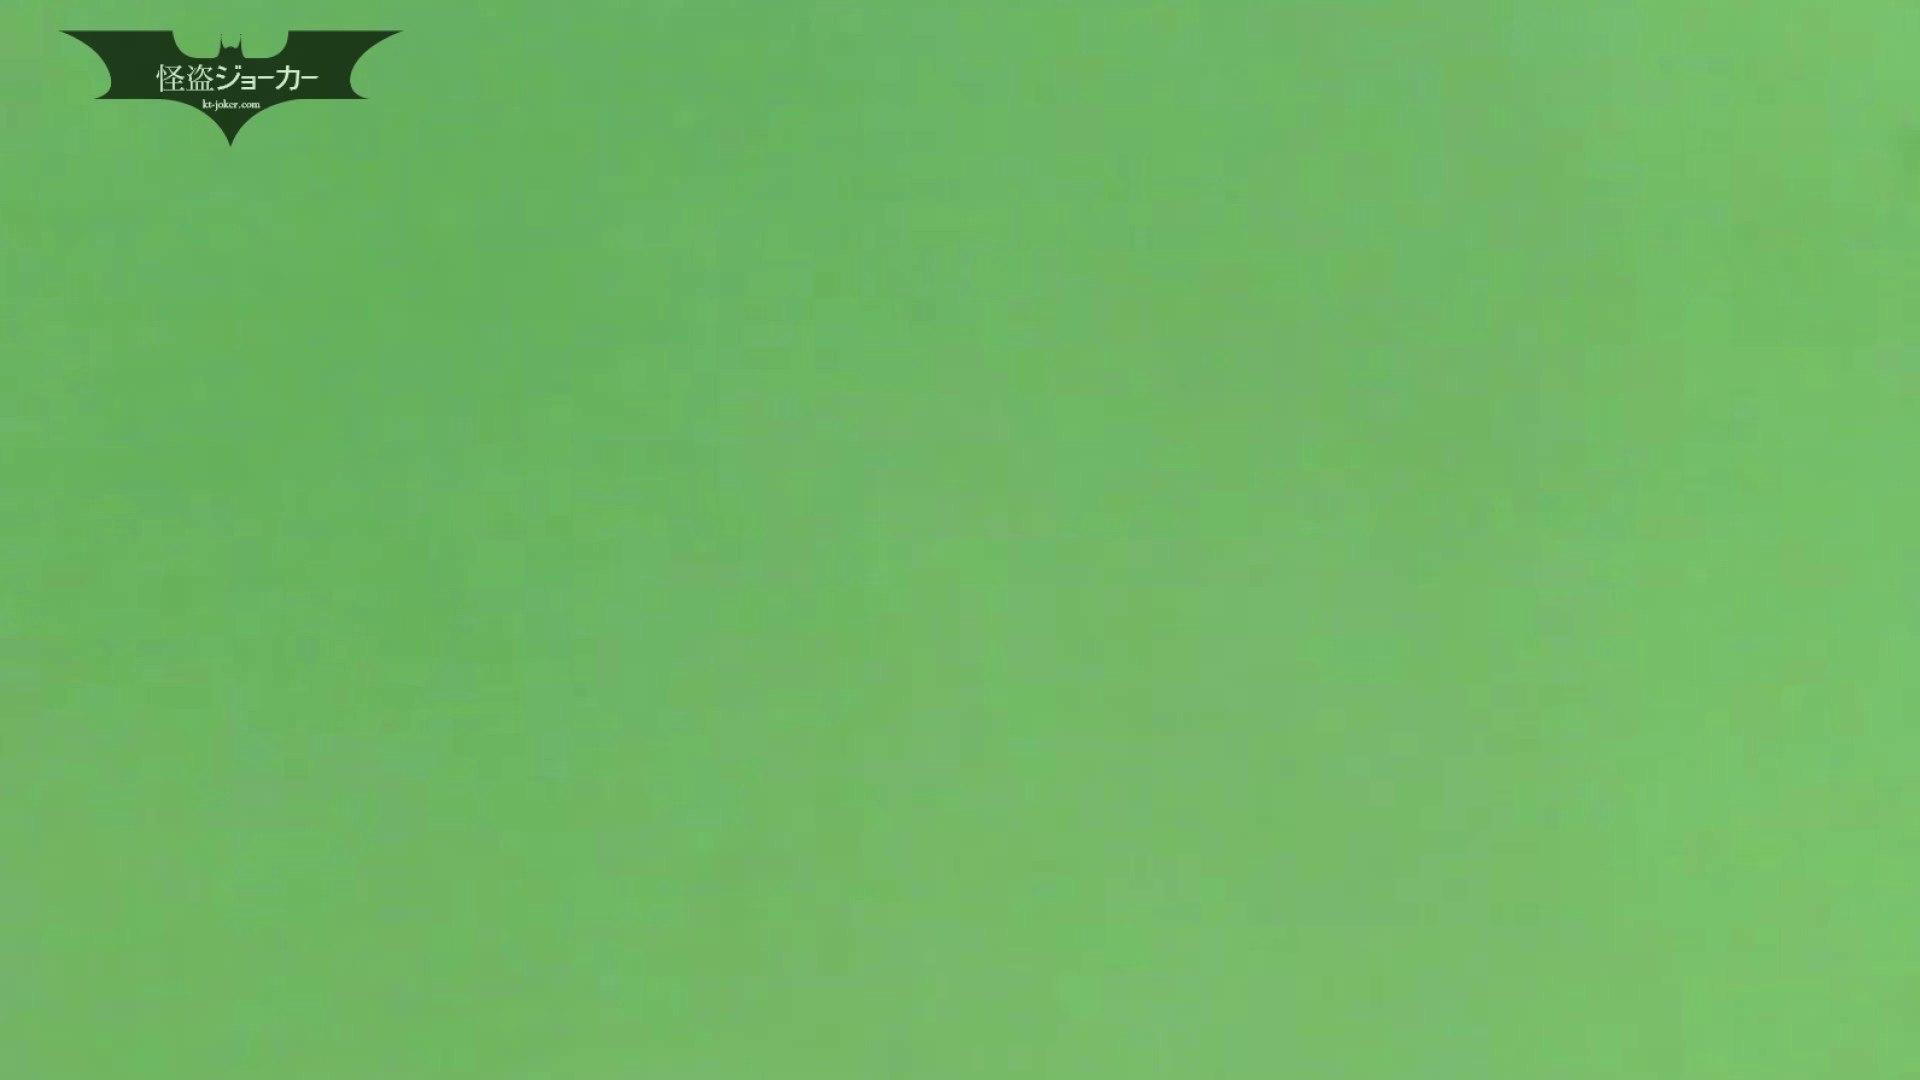 夏の思い出浜辺トイレ盗撮Vol.05 盗撮映像大放出 セックス画像 106連発 15